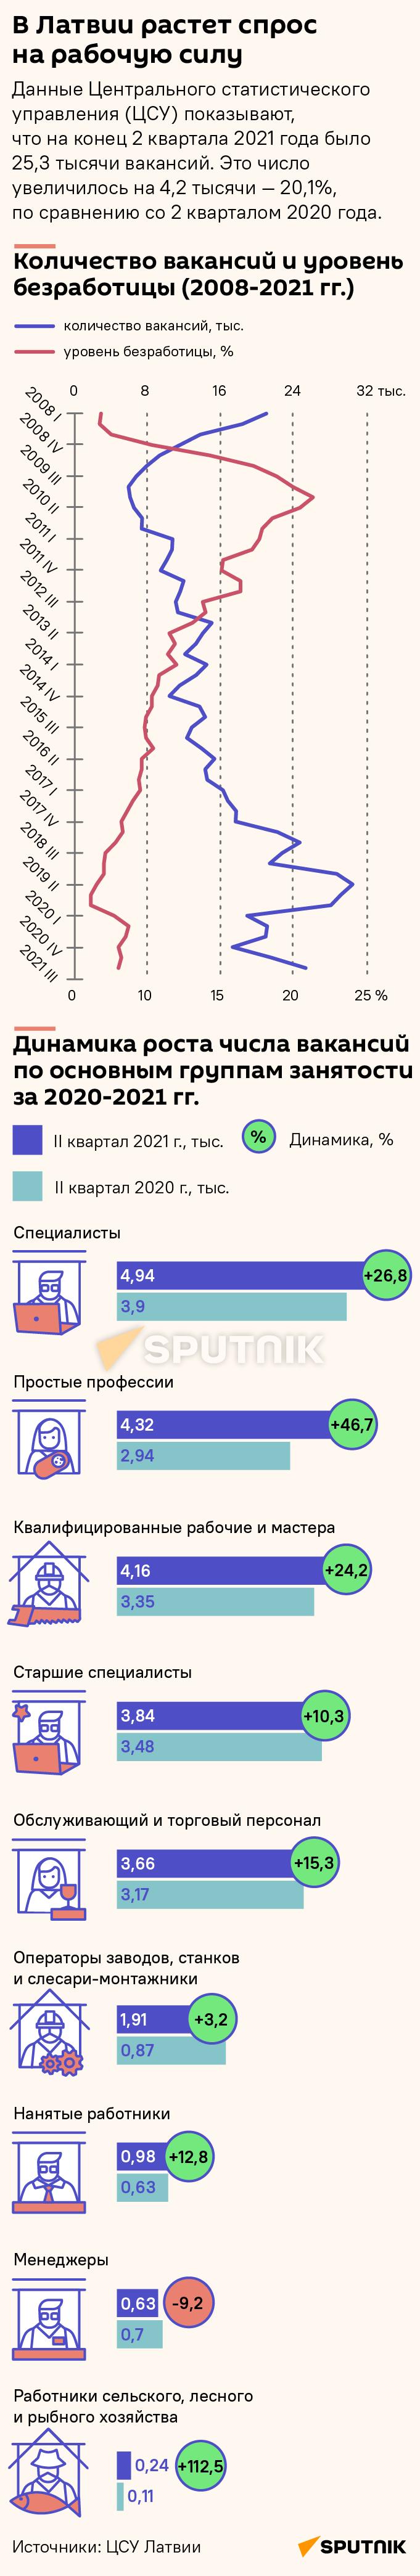 В Латвии растет спрос на рабочую силу - Sputnik Латвия